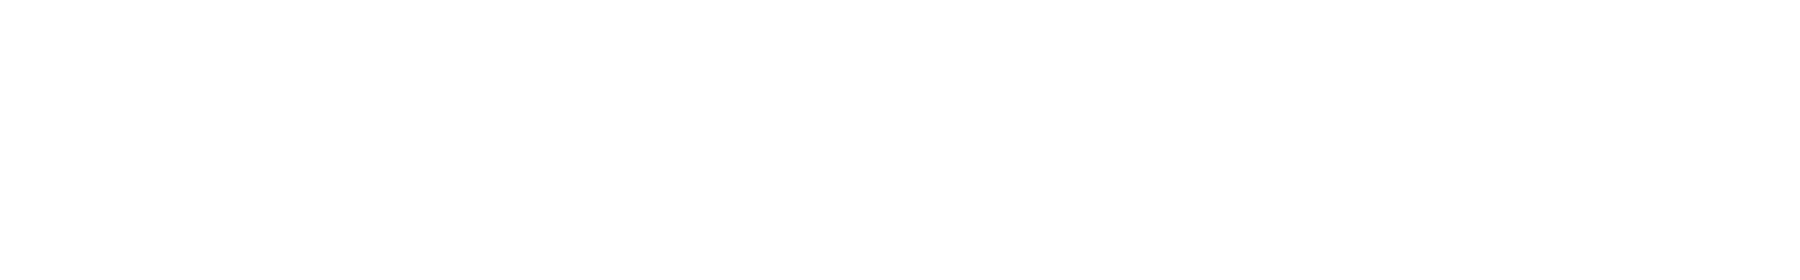 ehp bassloop 127 analog80s a